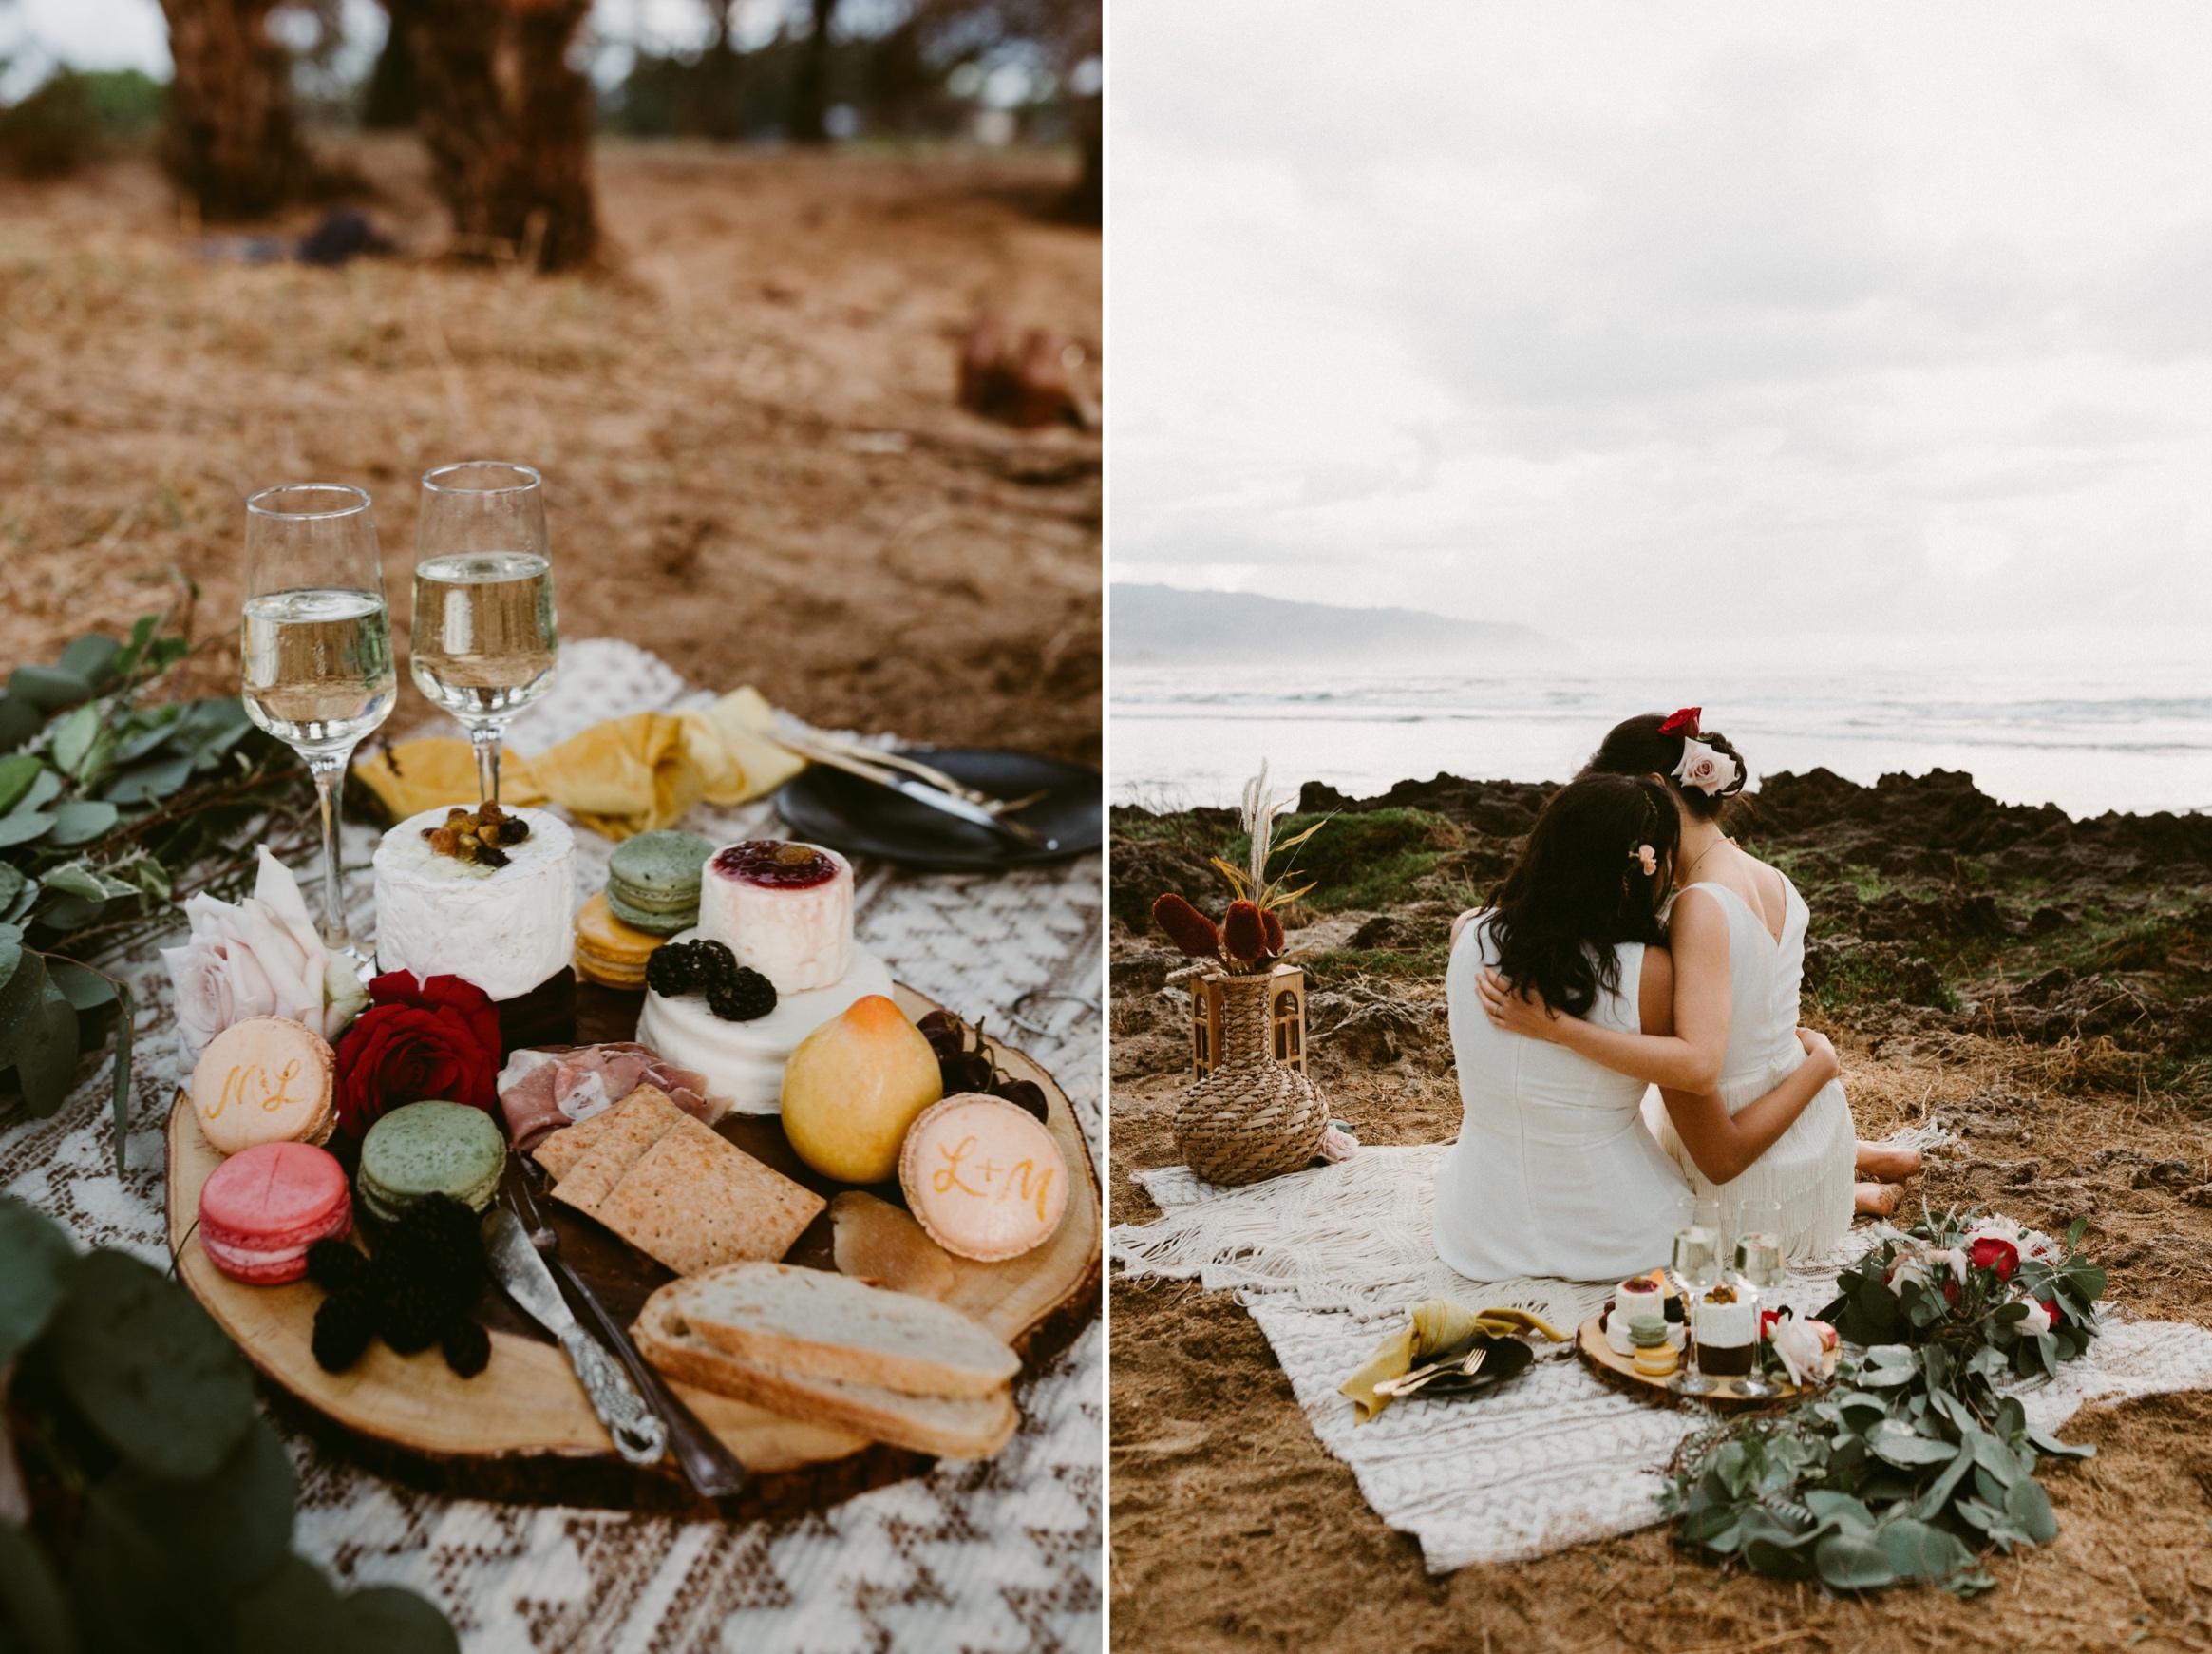 56_Oahu Hawaii Wedding  (248 of 294)_Oahu Hawaii Wedding  (253 of 294)_Oahu_sex_Hawaii_same_wedding_elopement_photographer.jpg